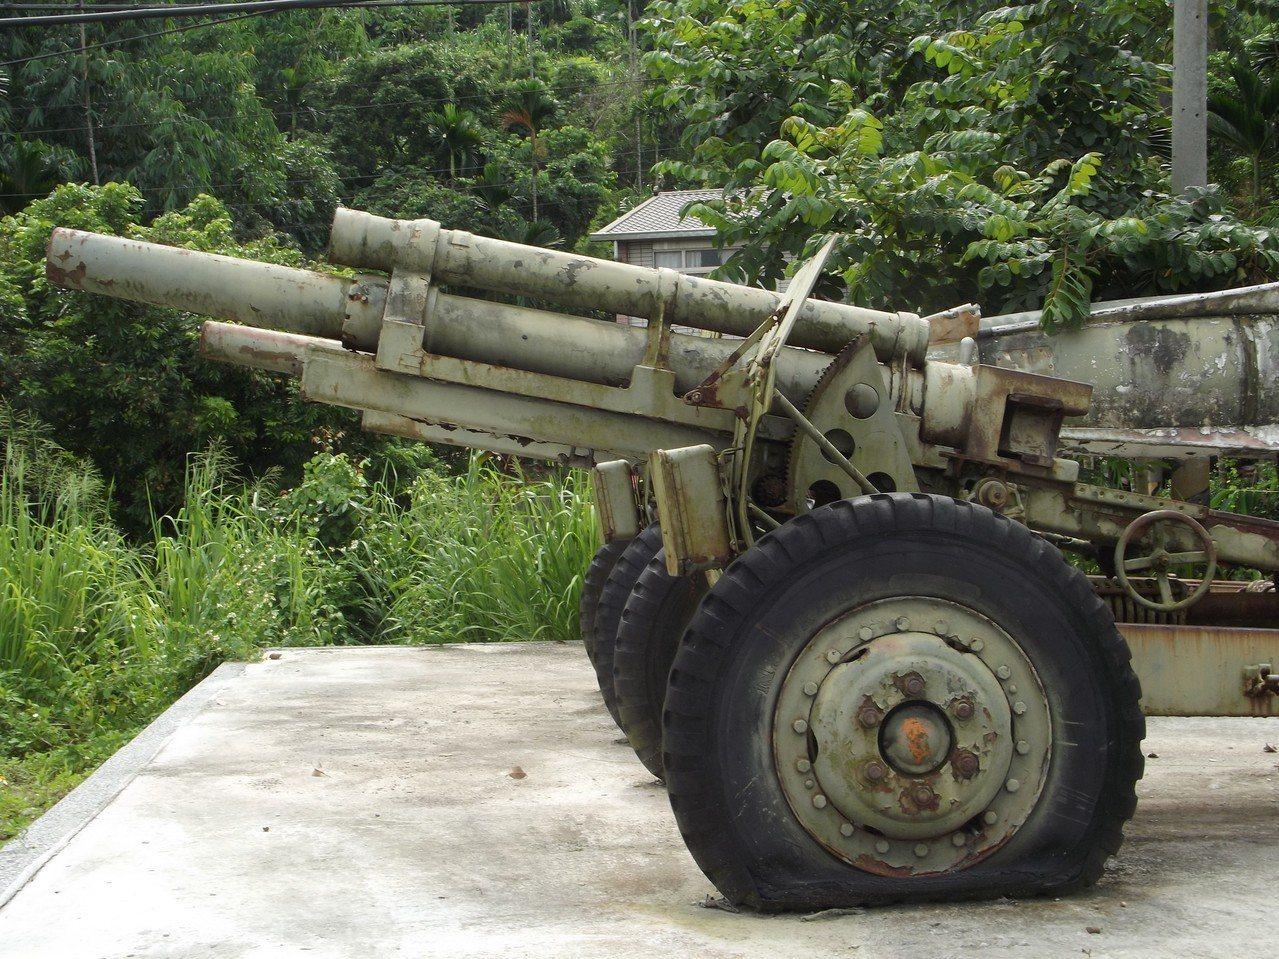 一○五榴砲等展示的退役武器「破輪」又掉漆。記者謝恩得/攝影